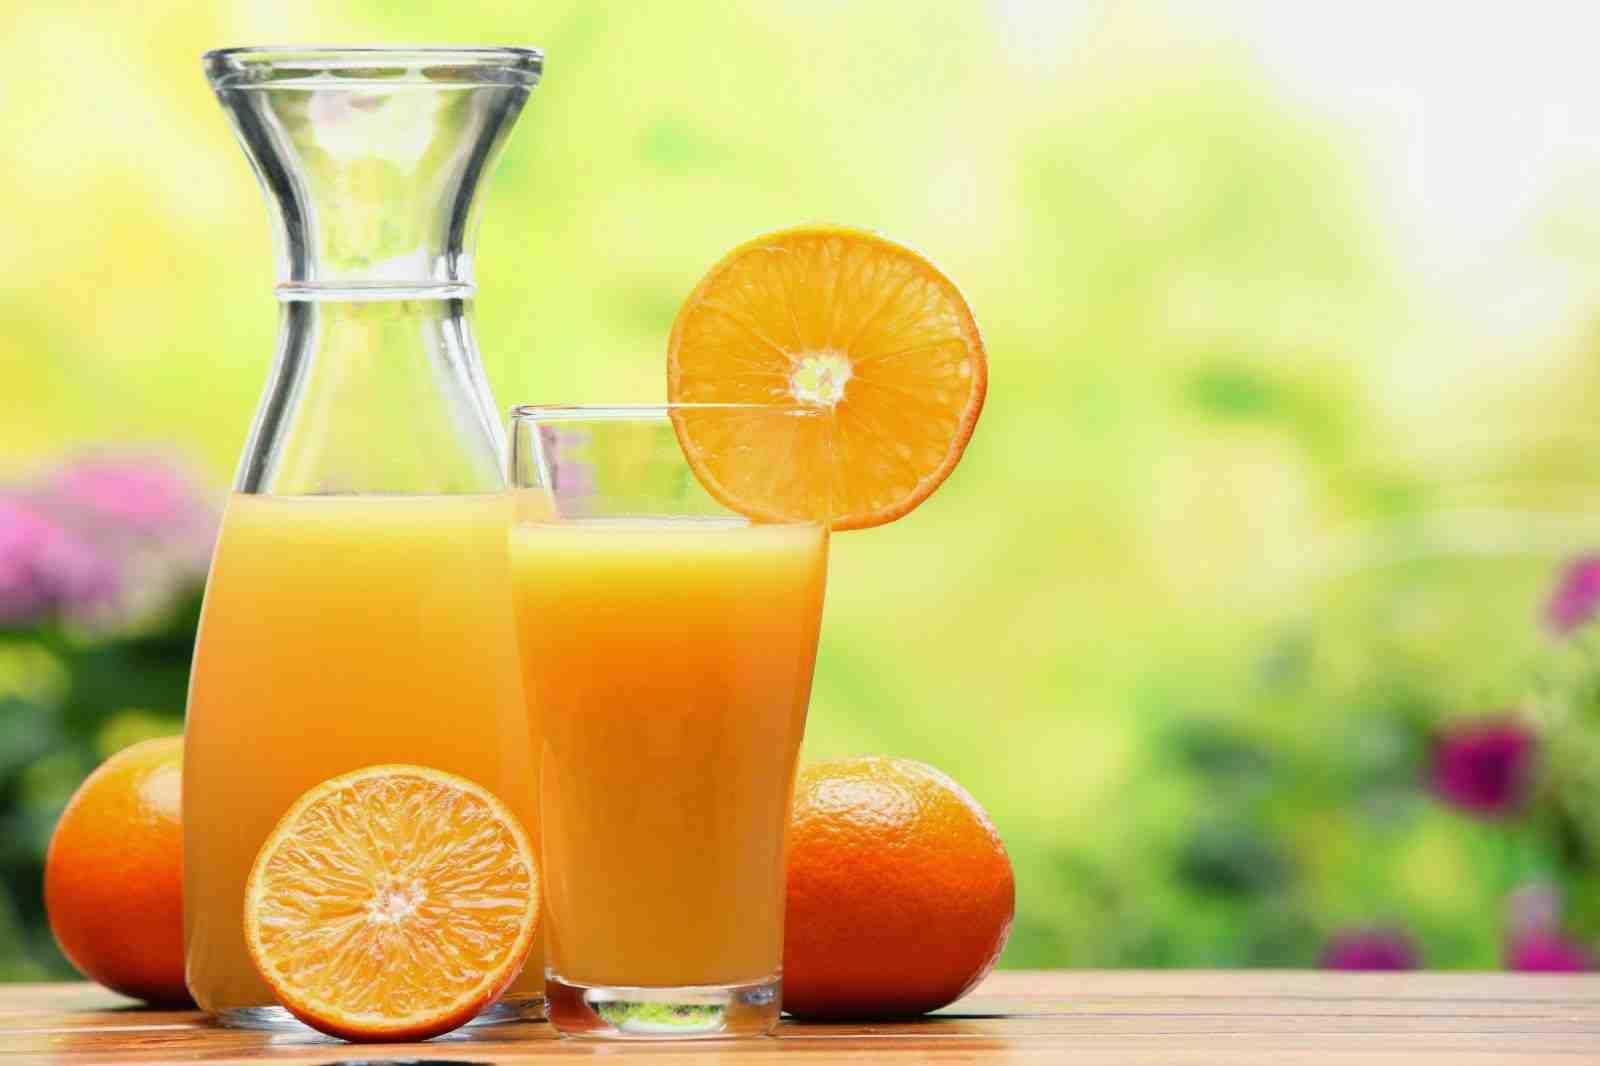 Uống nước cam mang ý nghĩa nhiều tài lộc